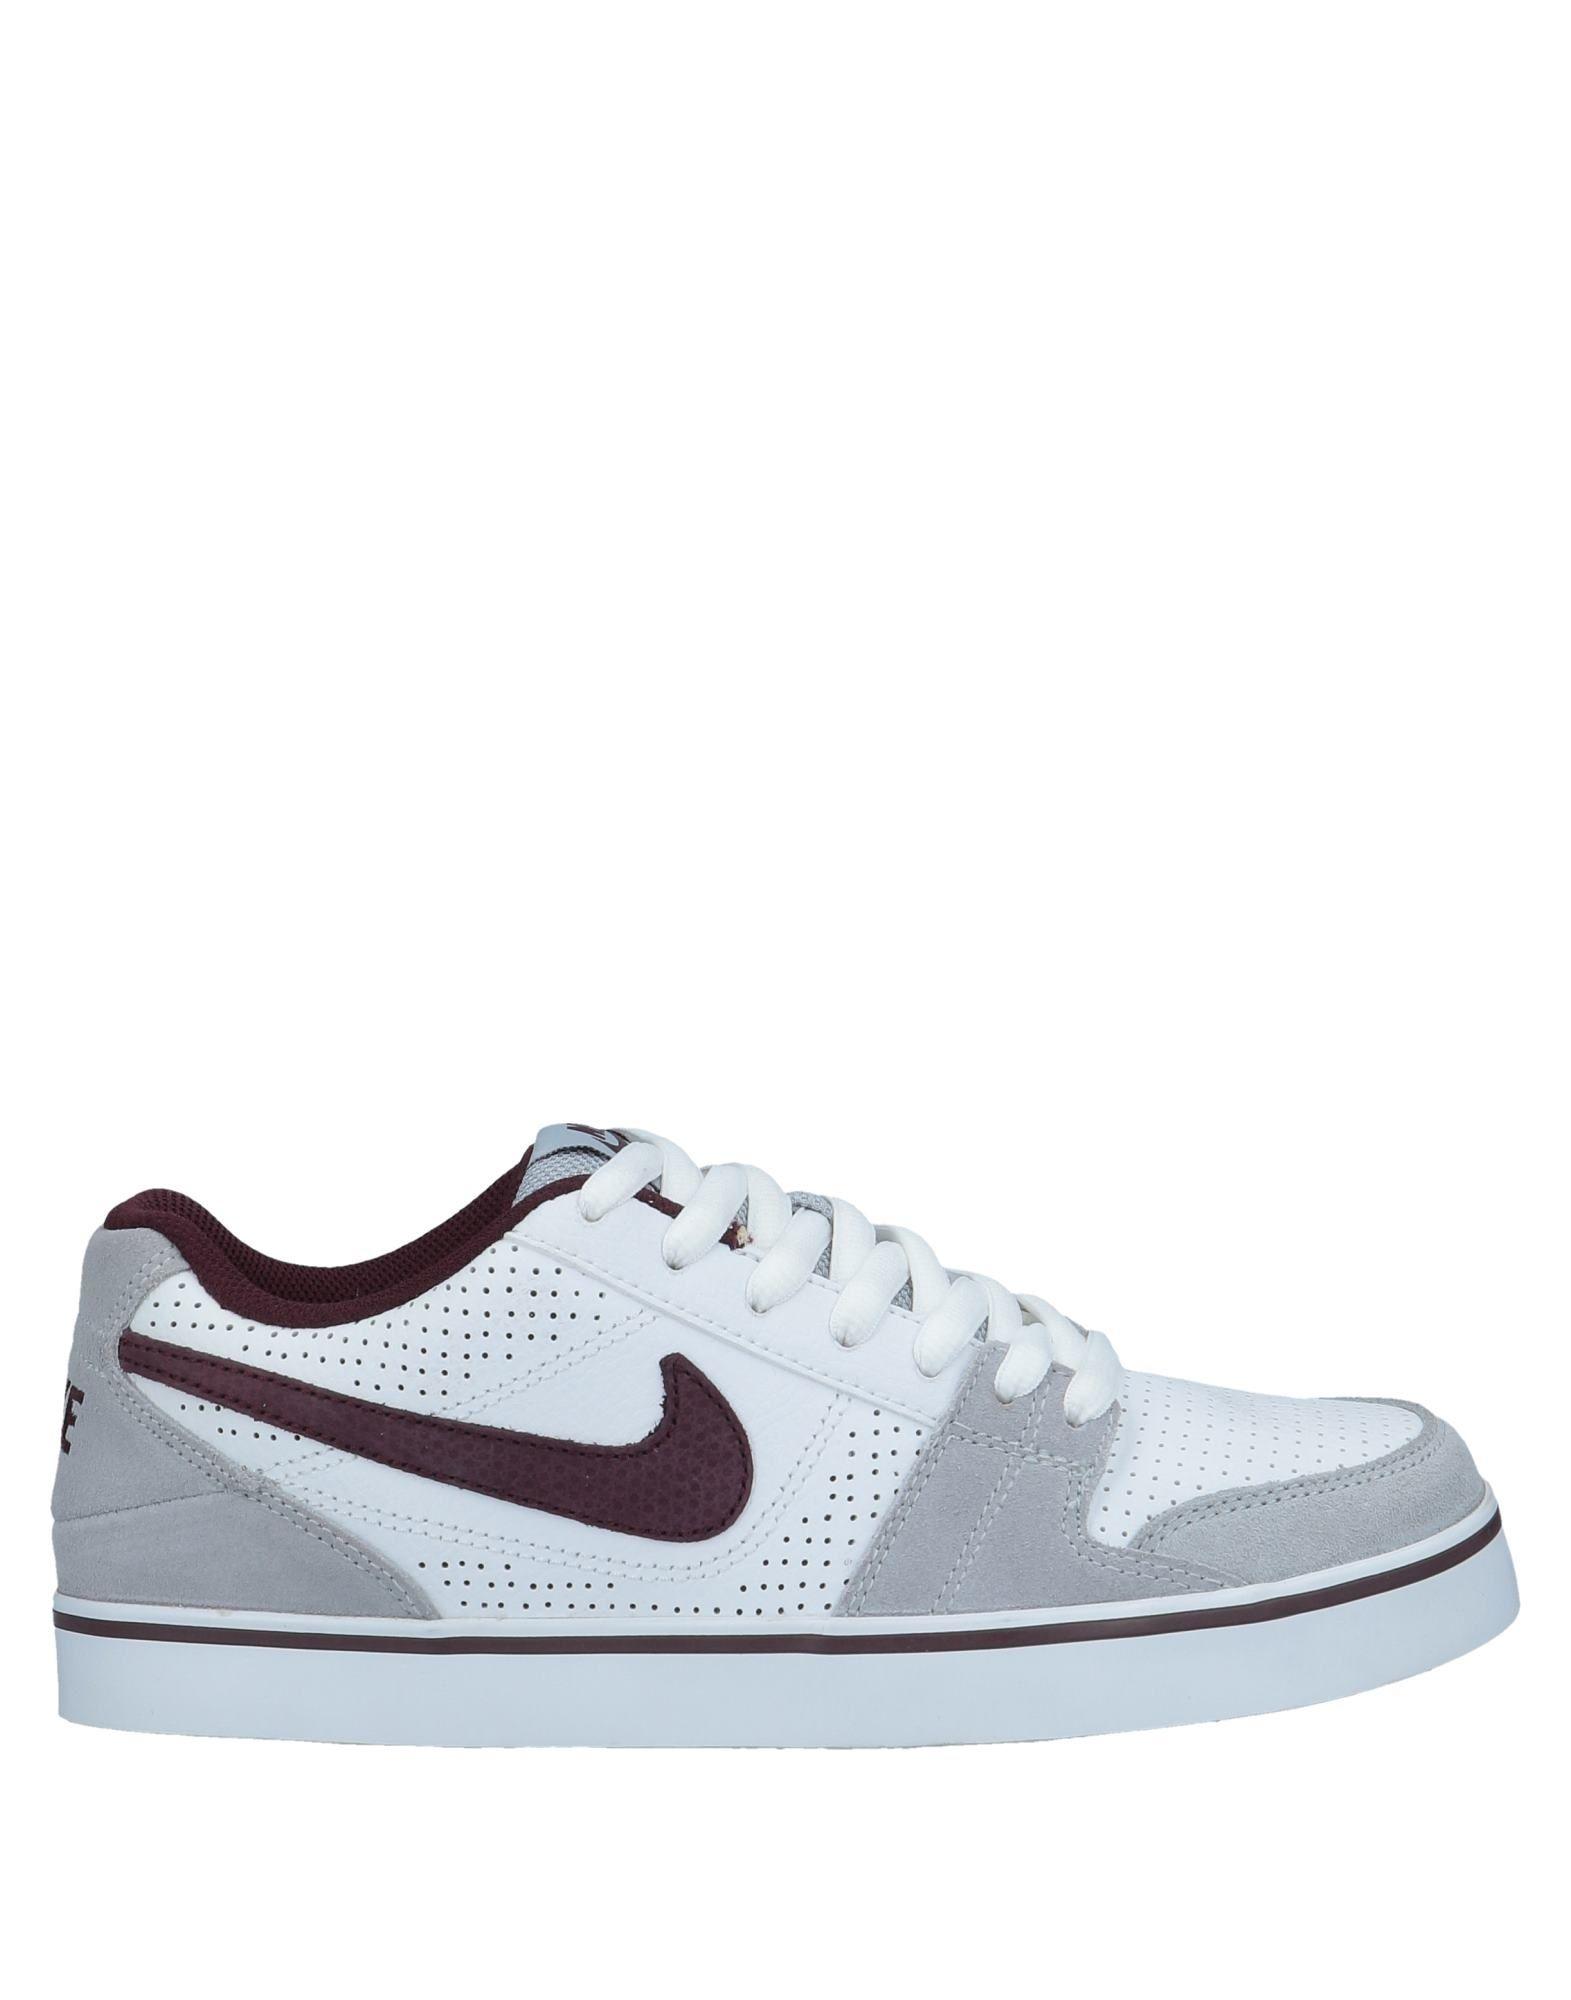 Rabatt echte Schuhe Nike Sneakers Herren  11549205QT